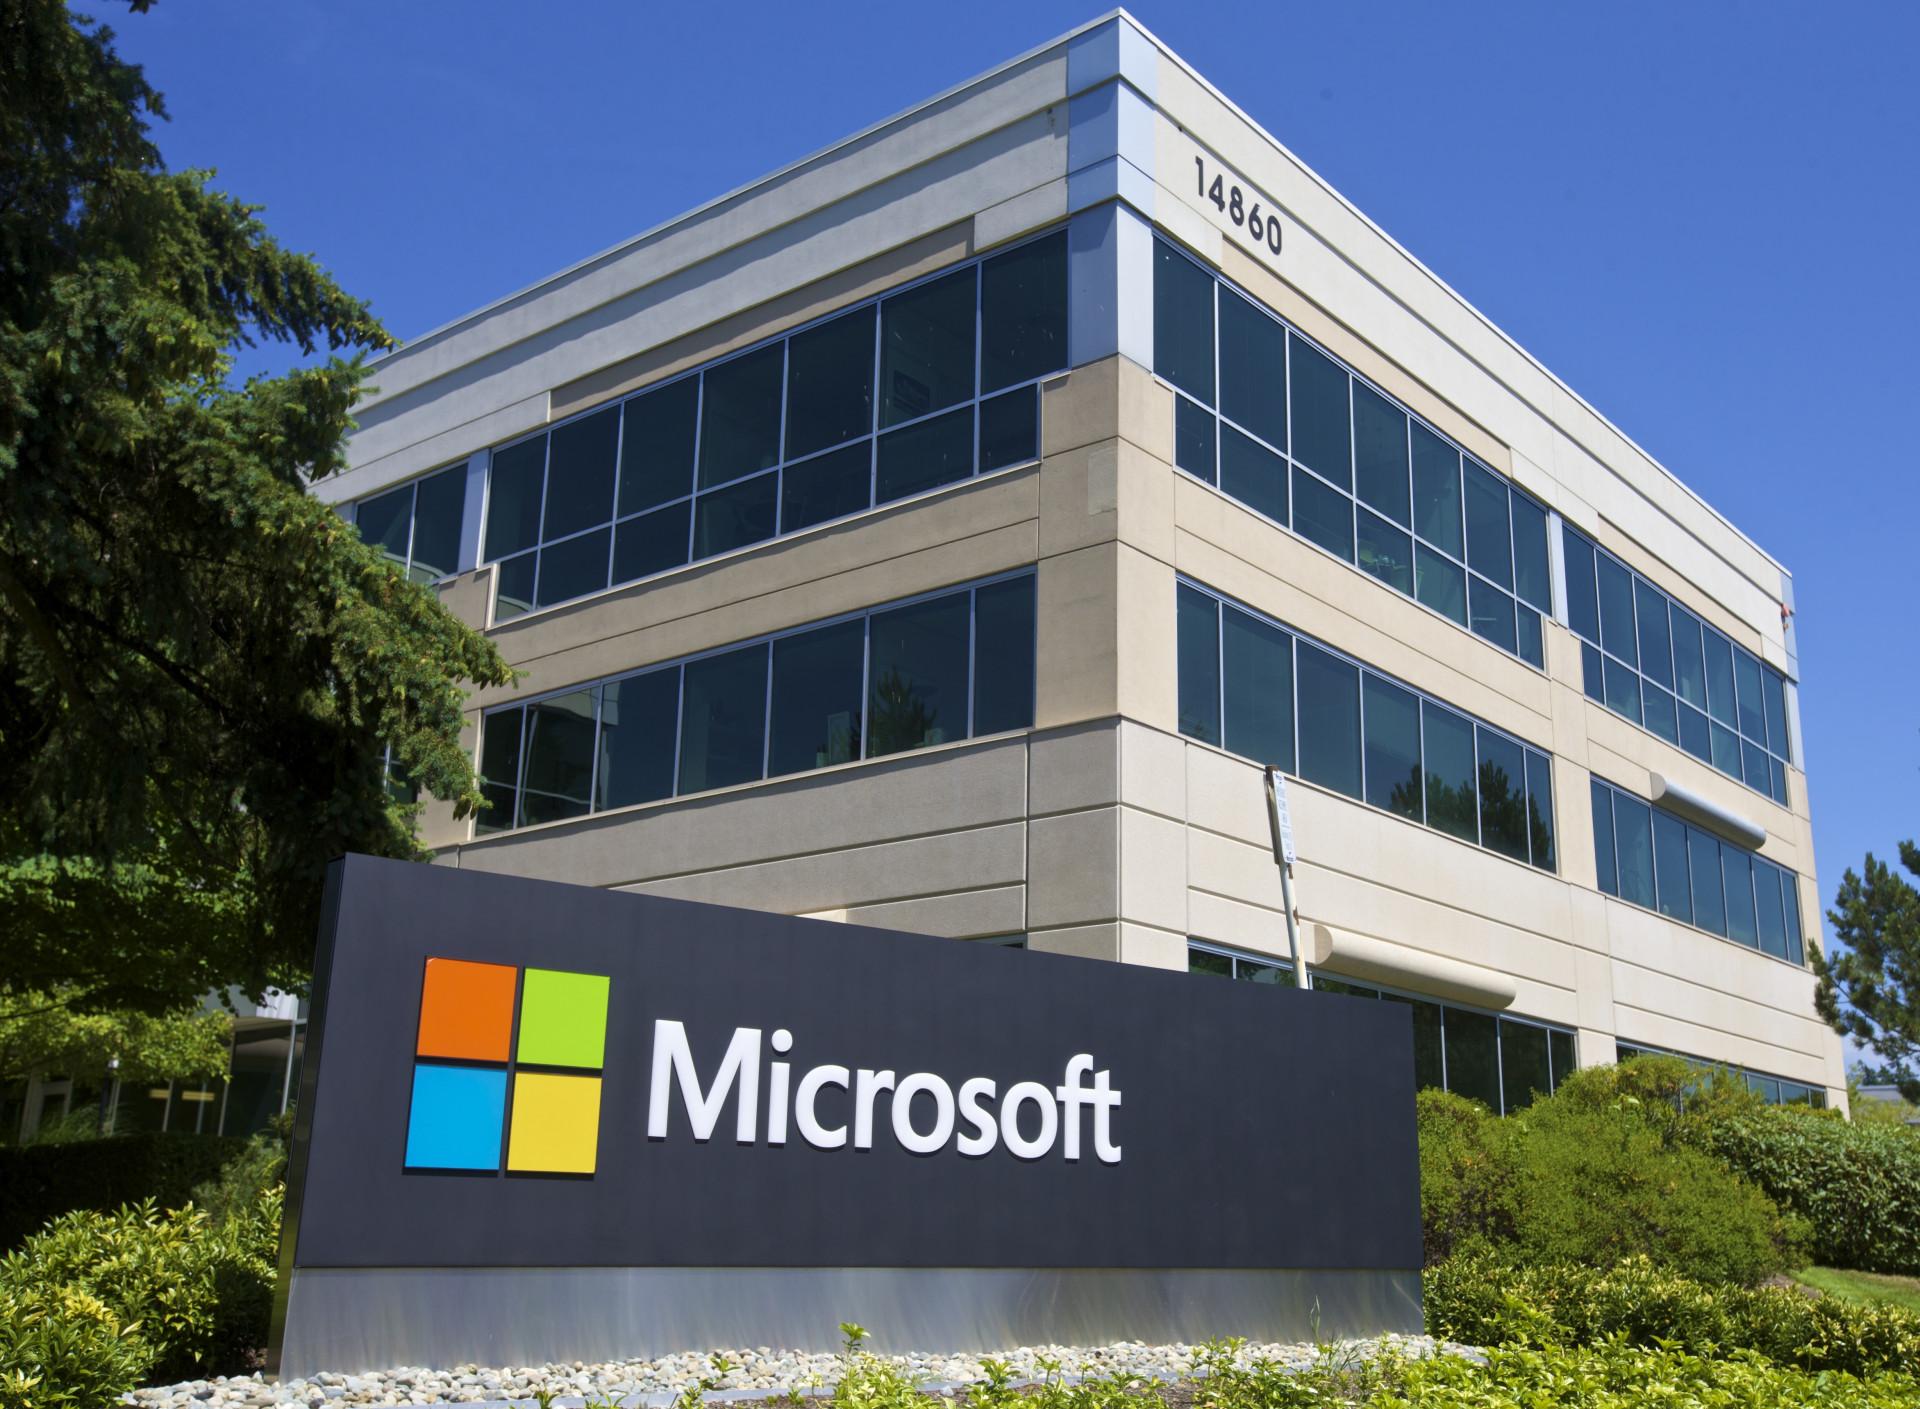 Microsoft-500-Millionen-Dollar-f-r-bezahlbare-Wohnungen-in-der-Region-Seattle